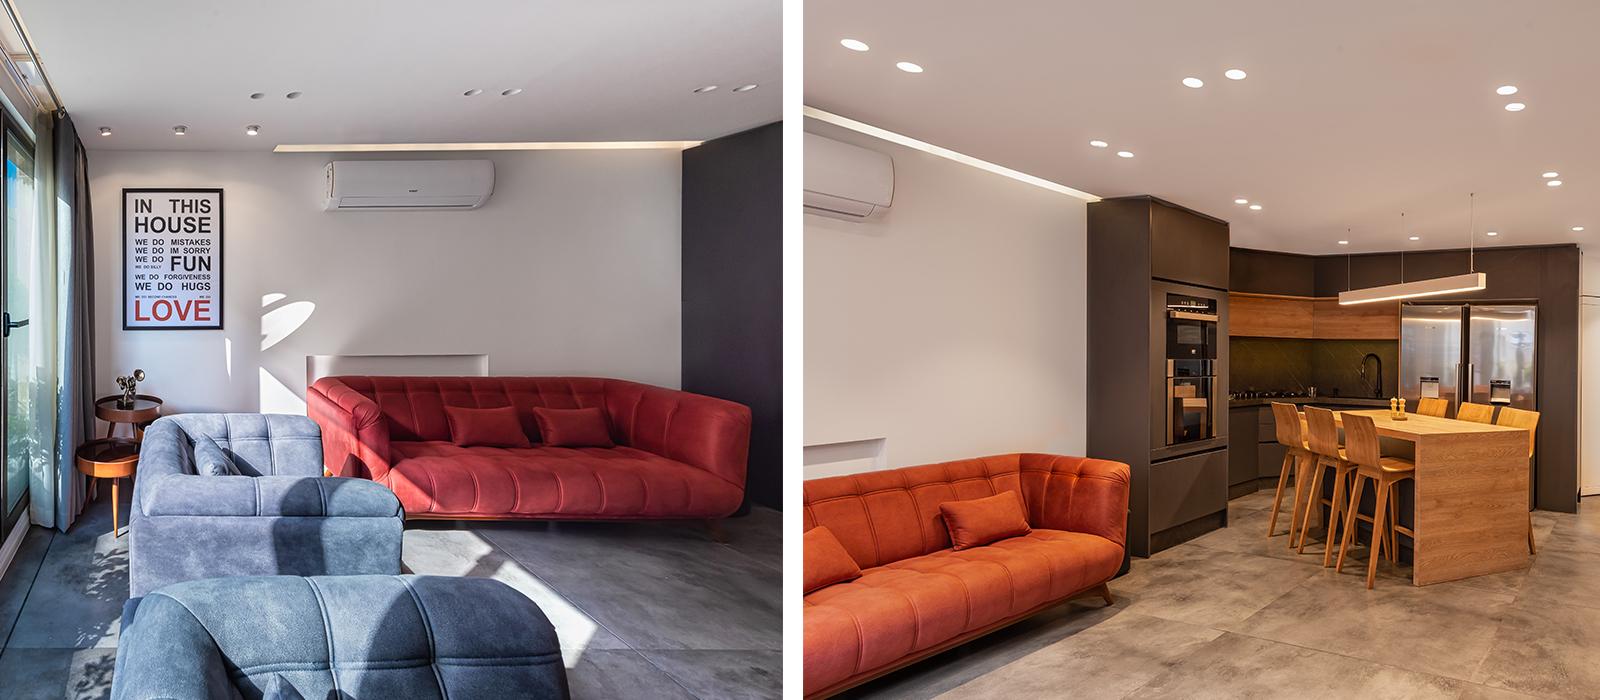 Fenos LED Lighting Project Residential Tavassoli Banner